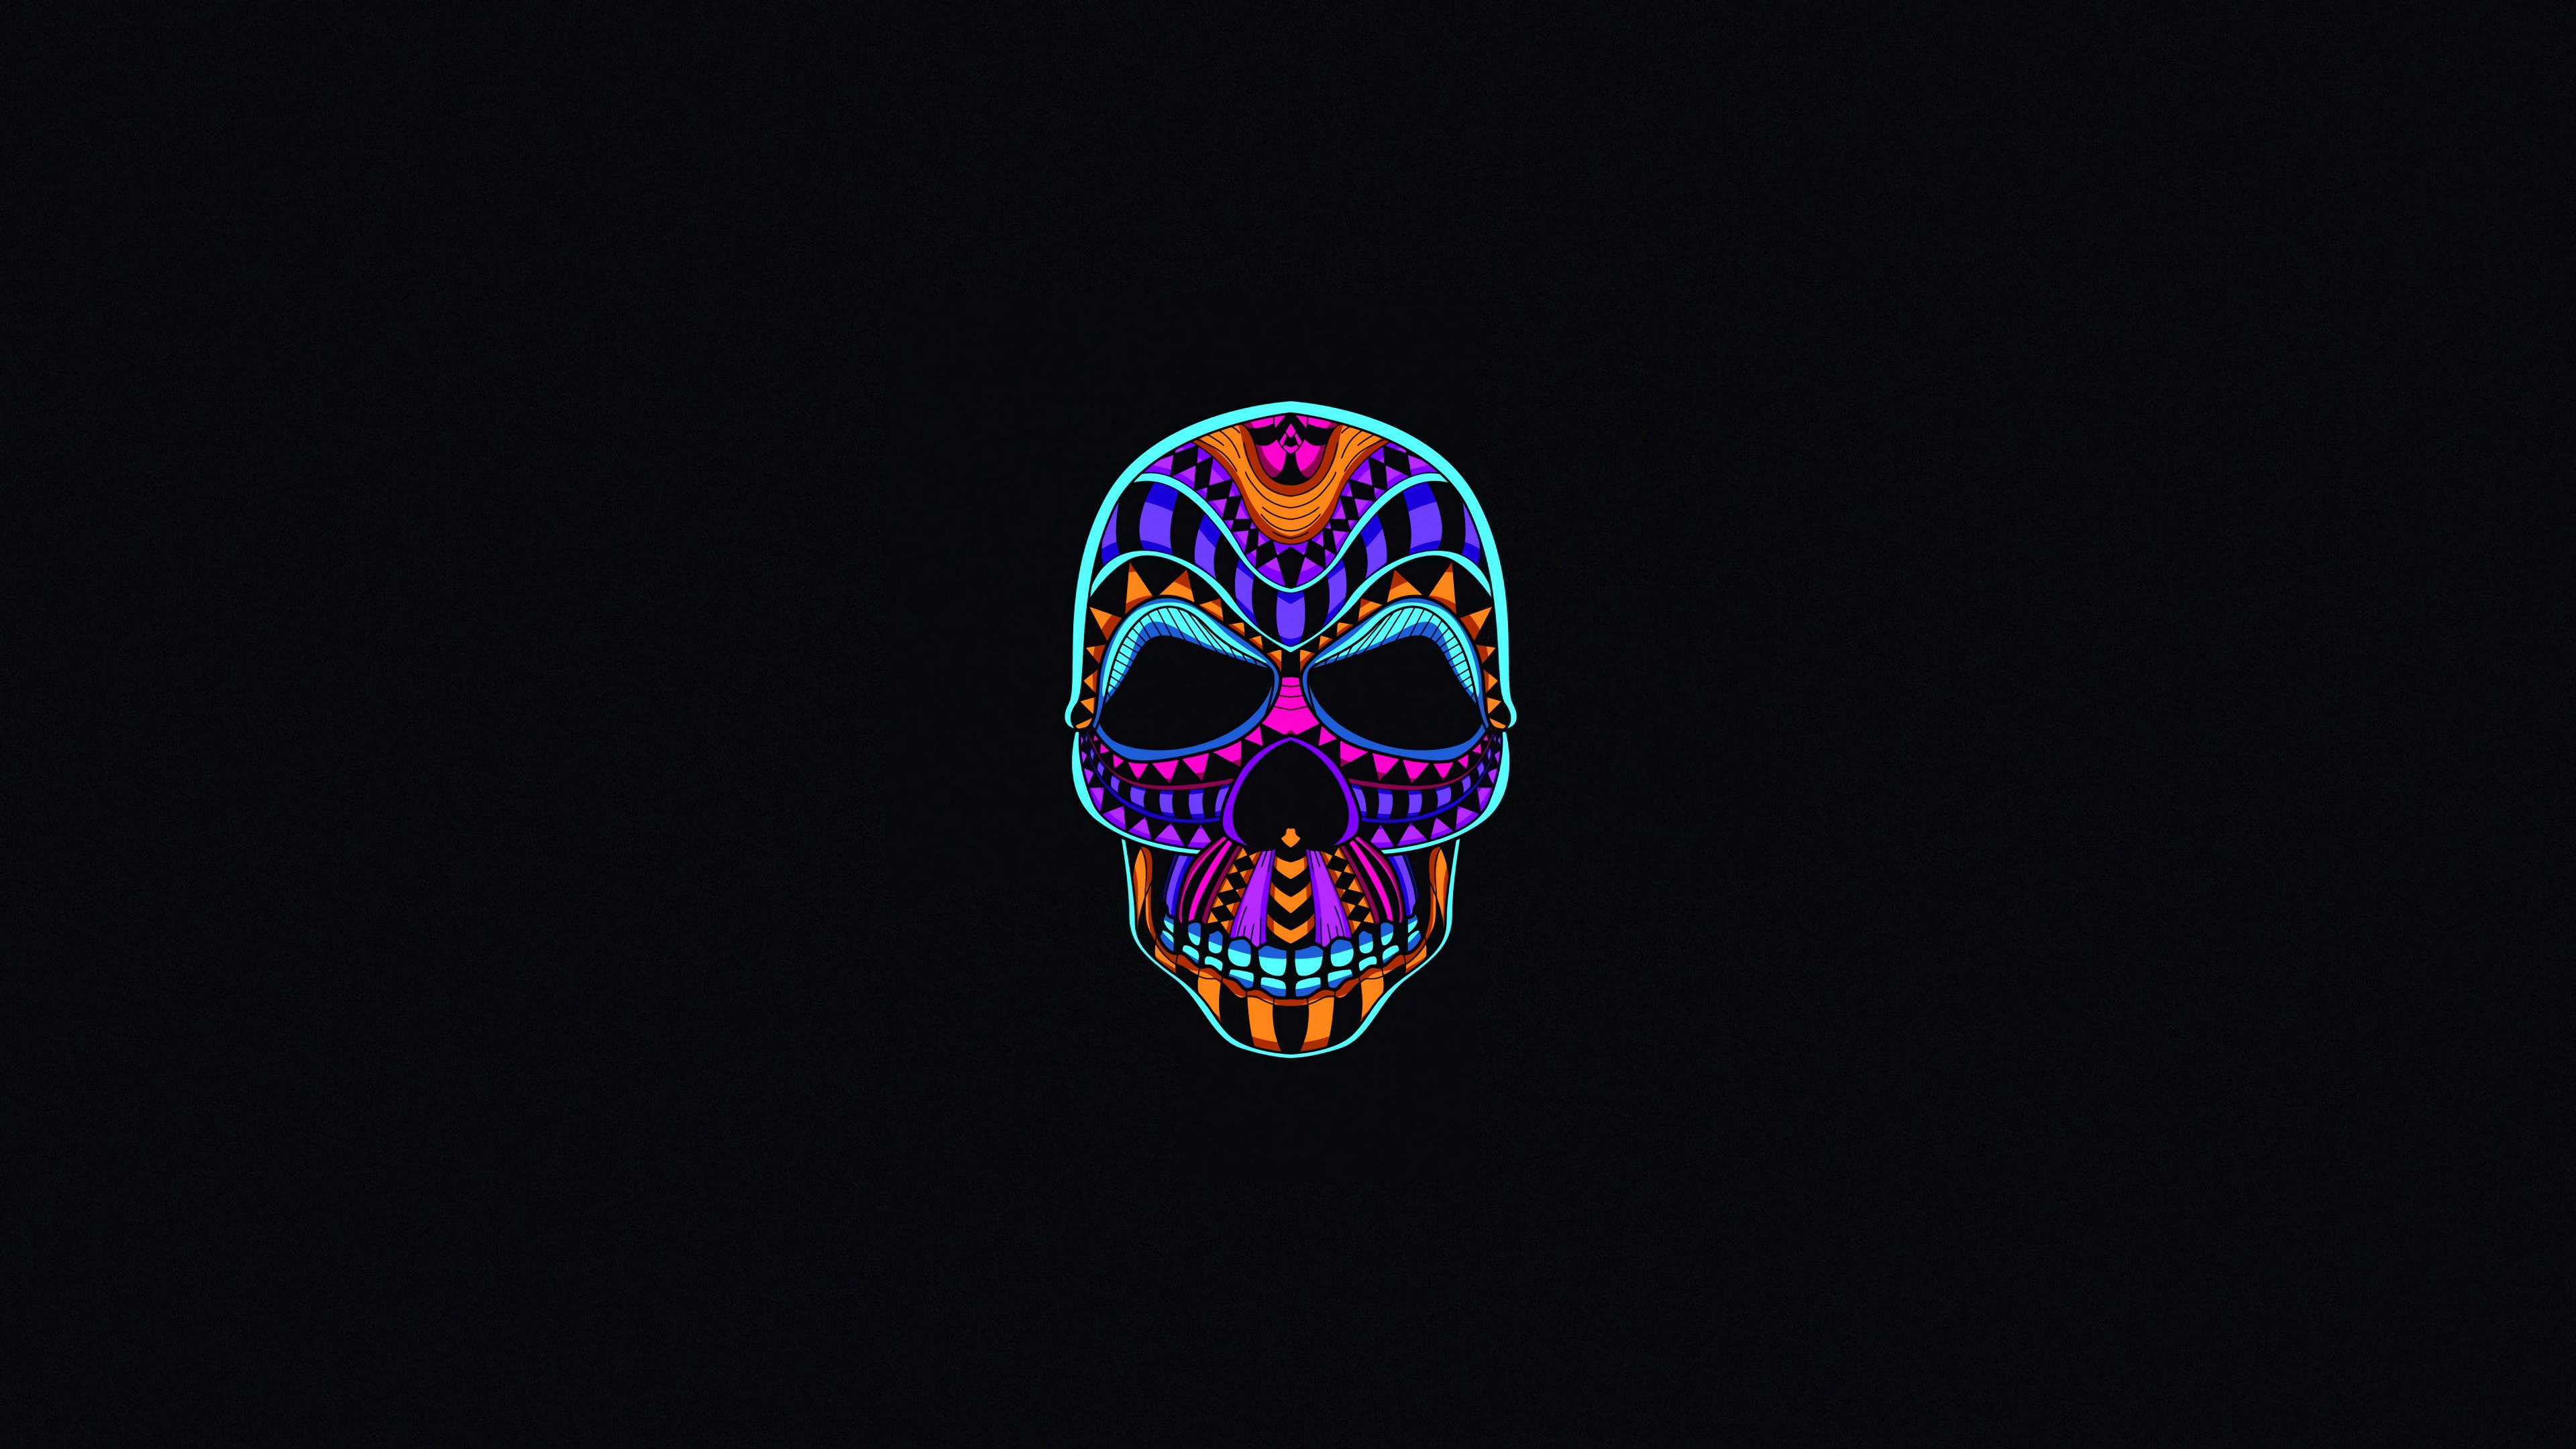 3840x2160 Skull Dark Minimal 4k 4k HD 4k Wallpapers ...